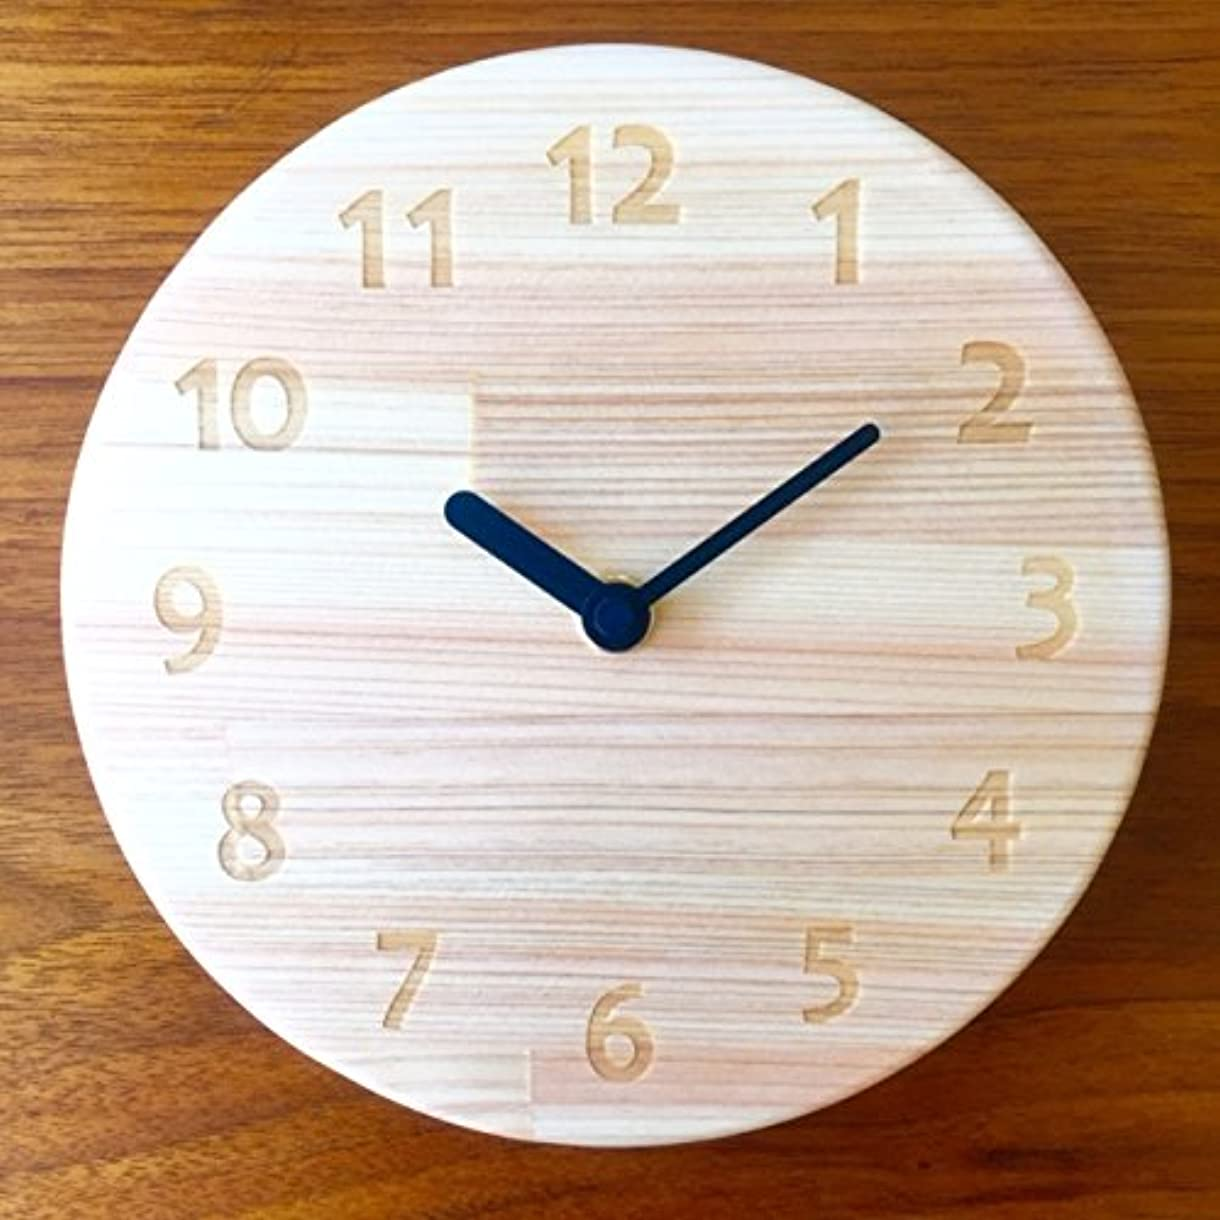 ドロー海外ほんのひのき丸型時計 国産ひのきで作った壁掛け時計 木製